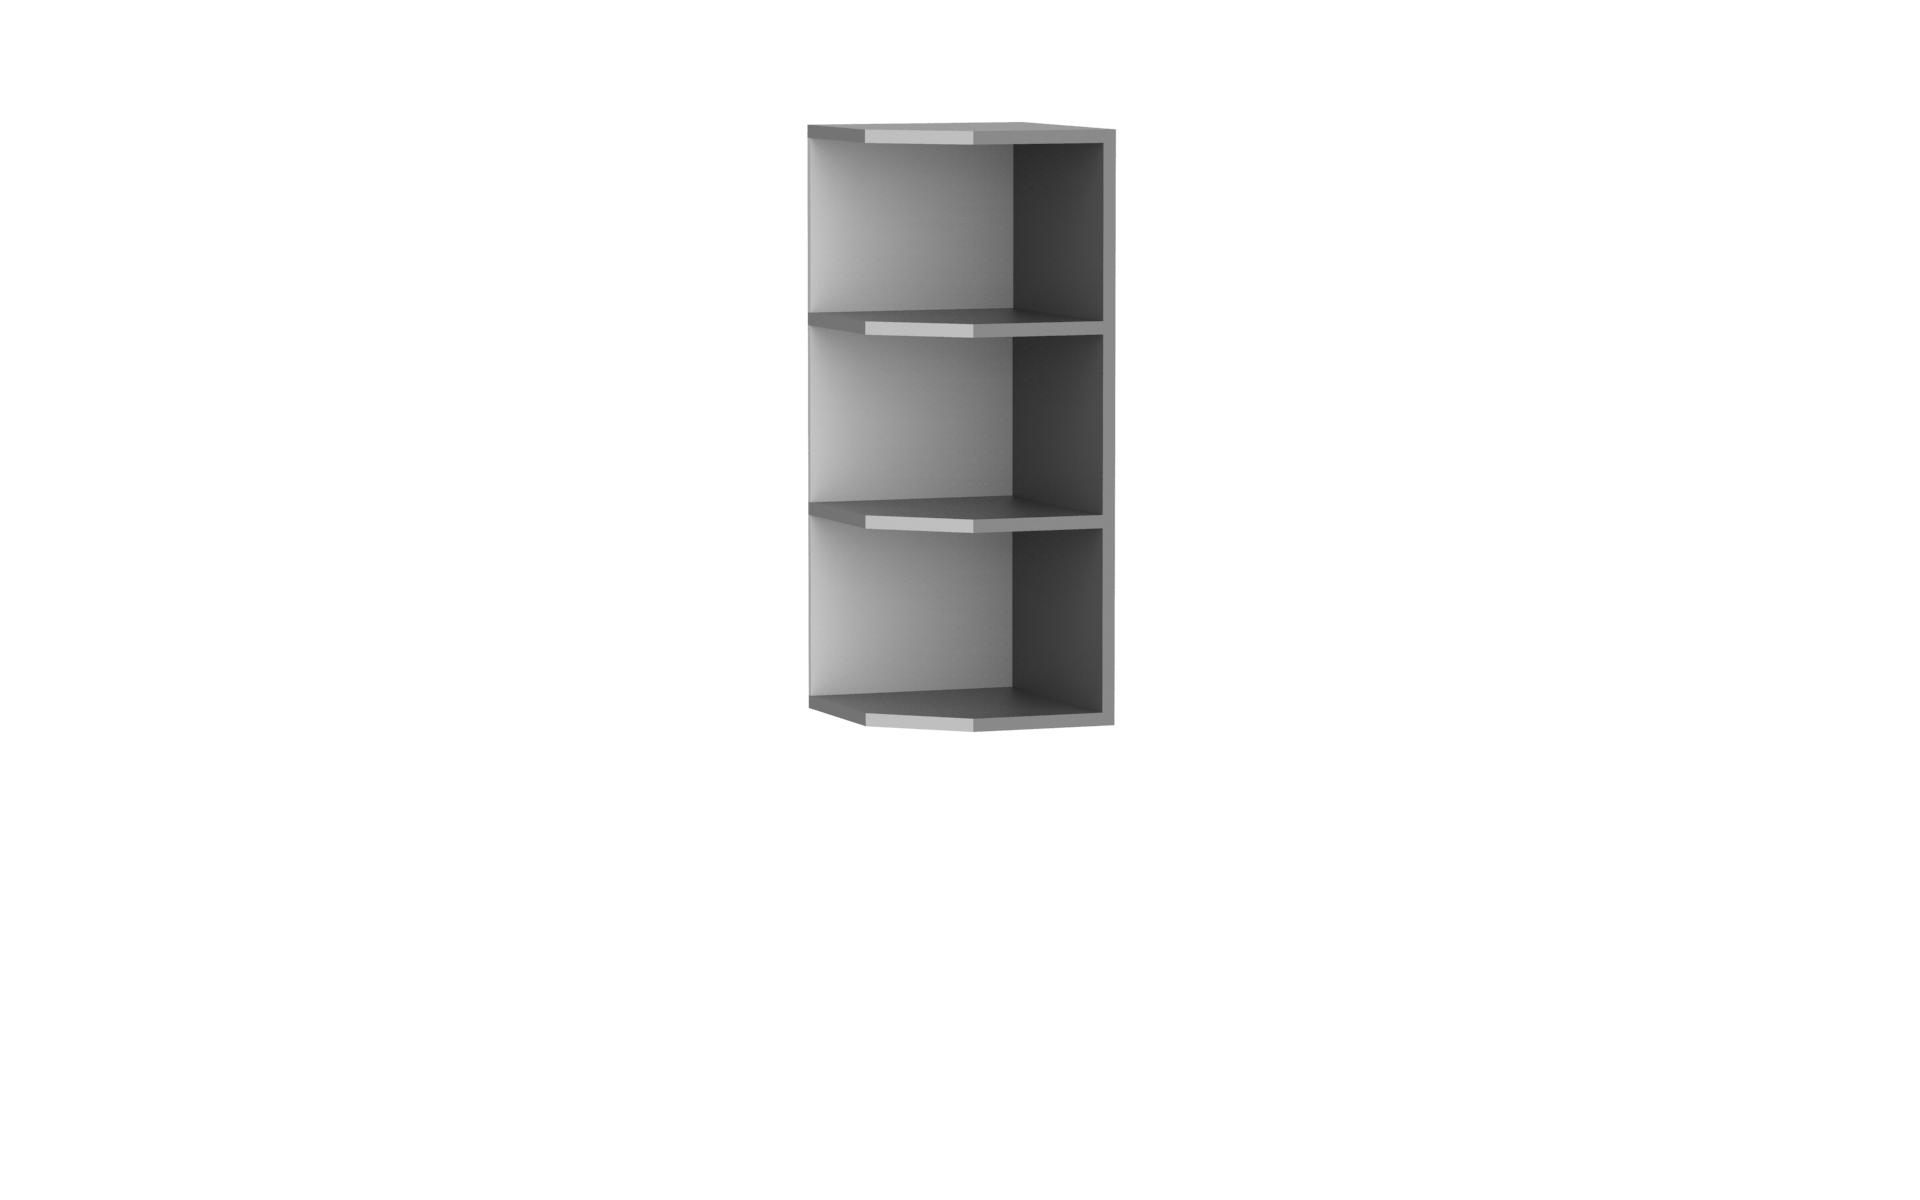 Oberer Abschlussschrank 30 cm / 72 cm Paula Grau